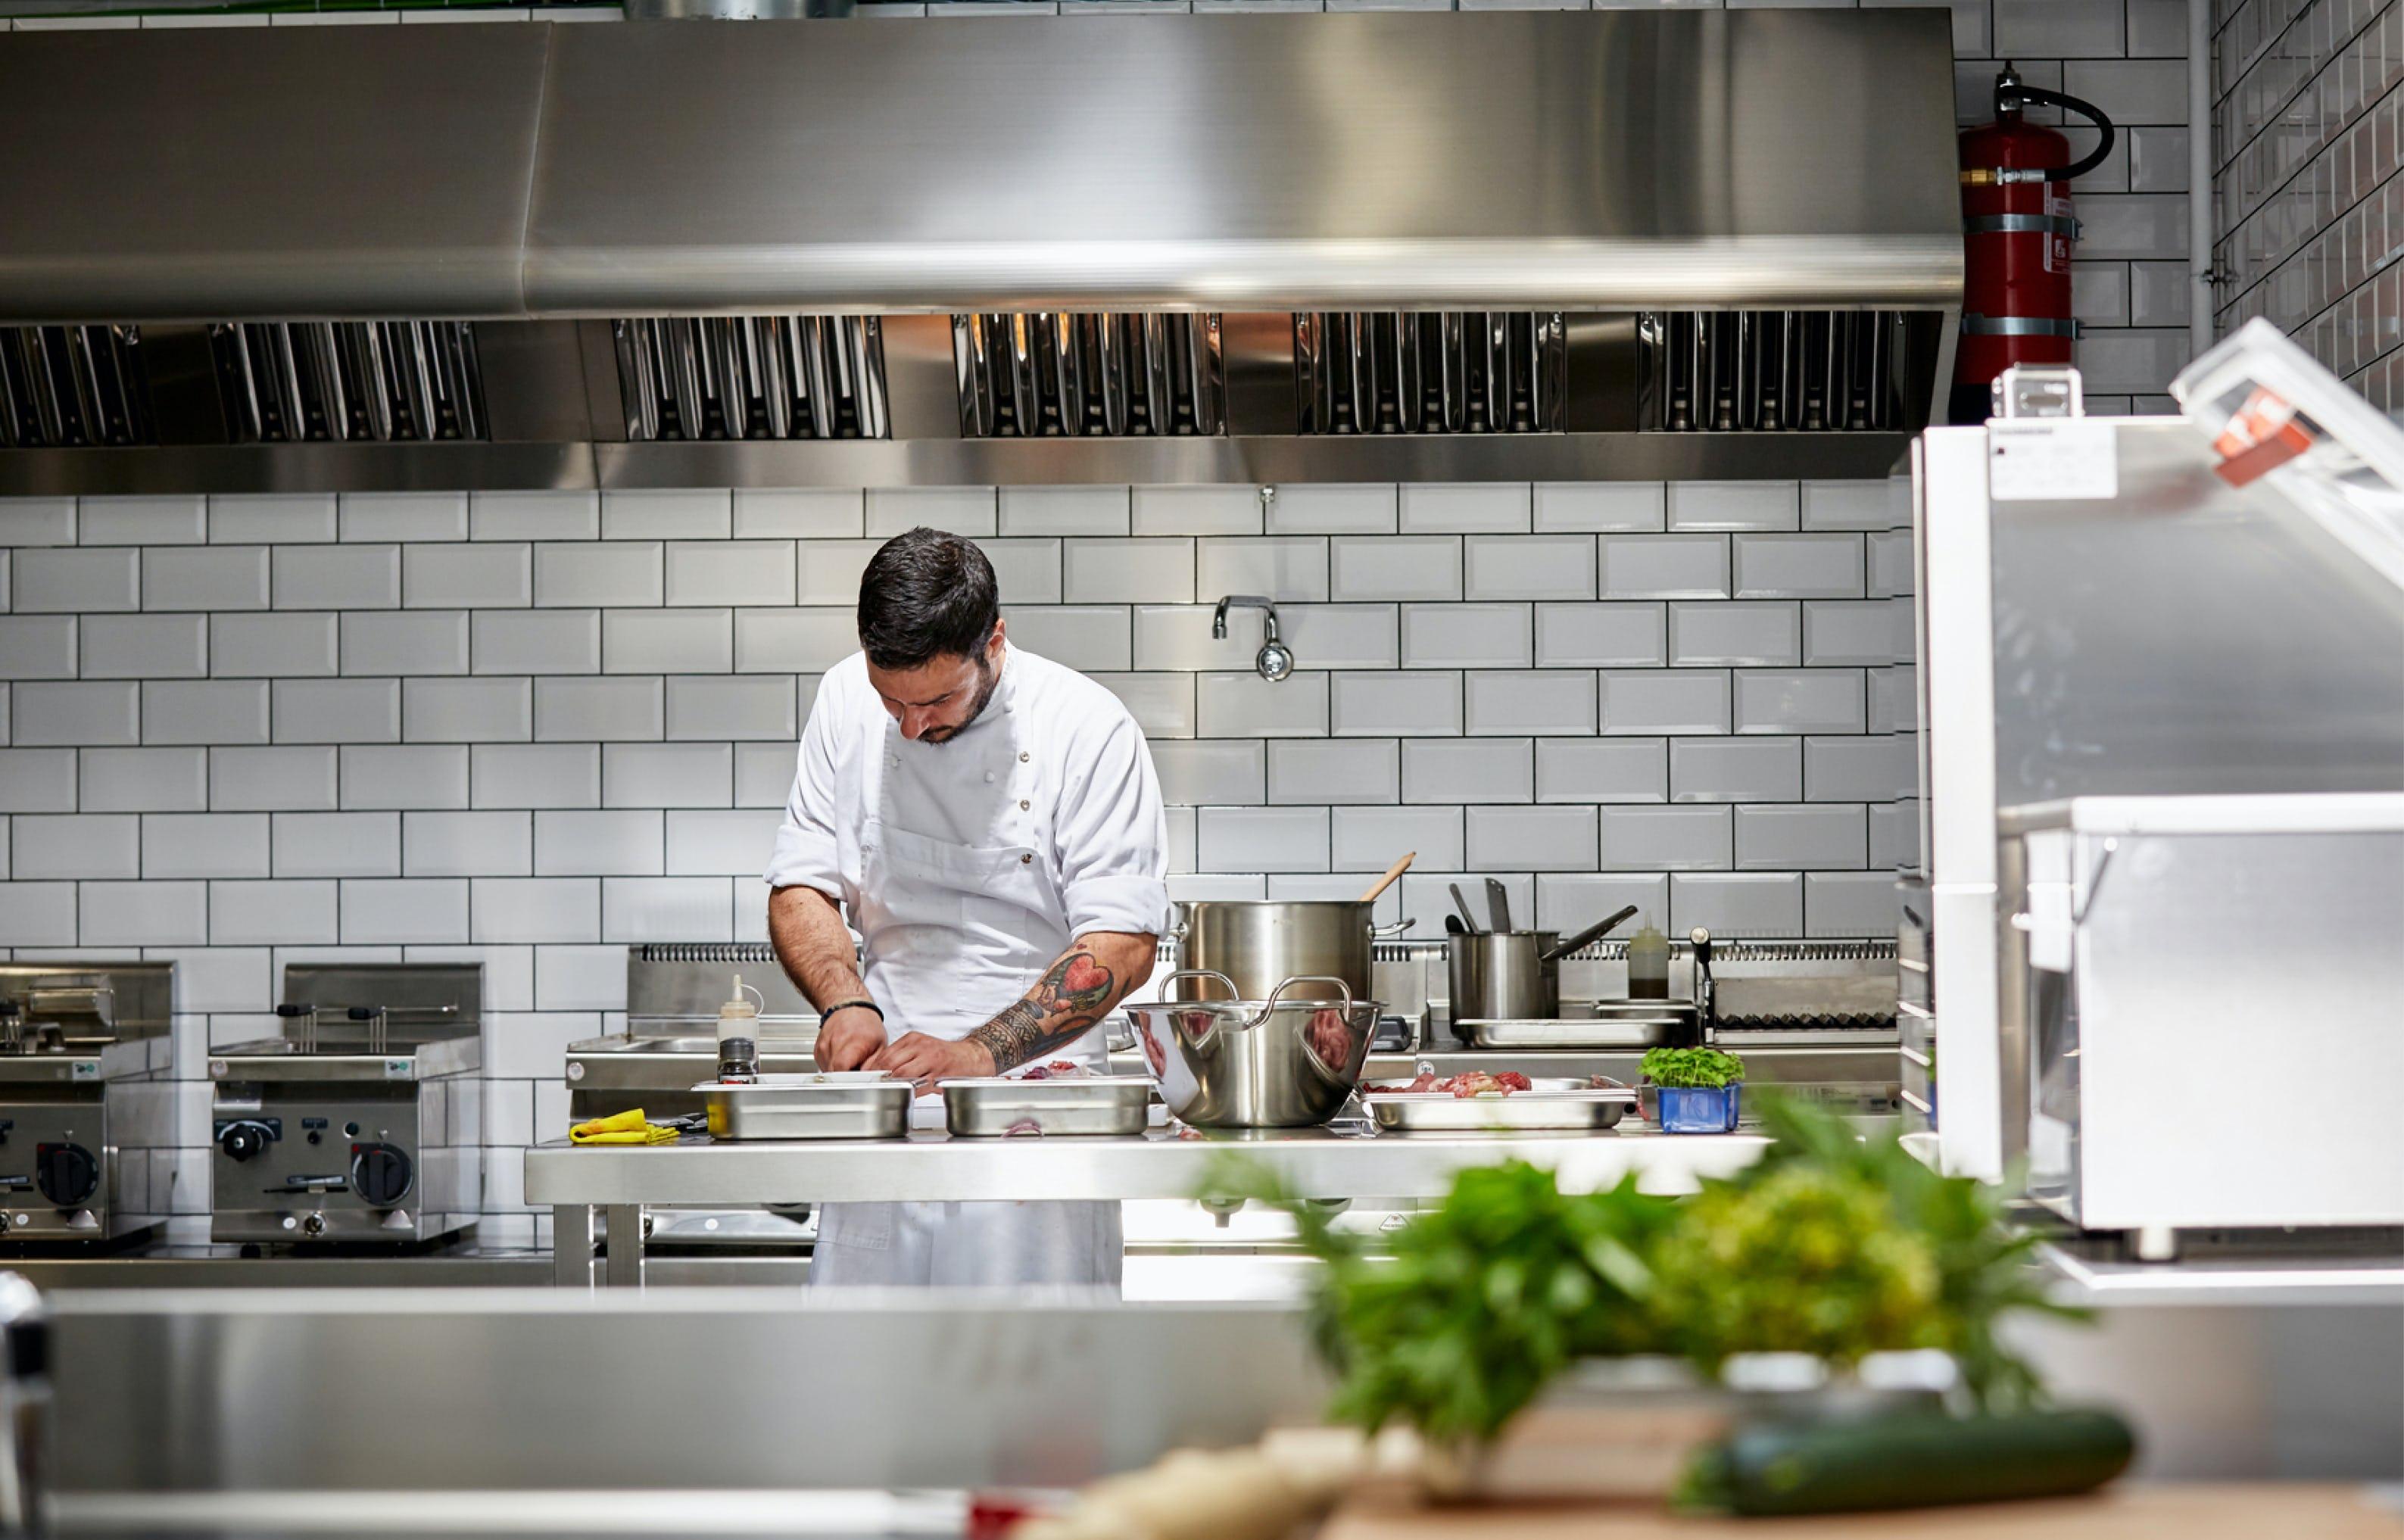 chef-preparing-meal-in-cloudkitchen-chefcollective-australia